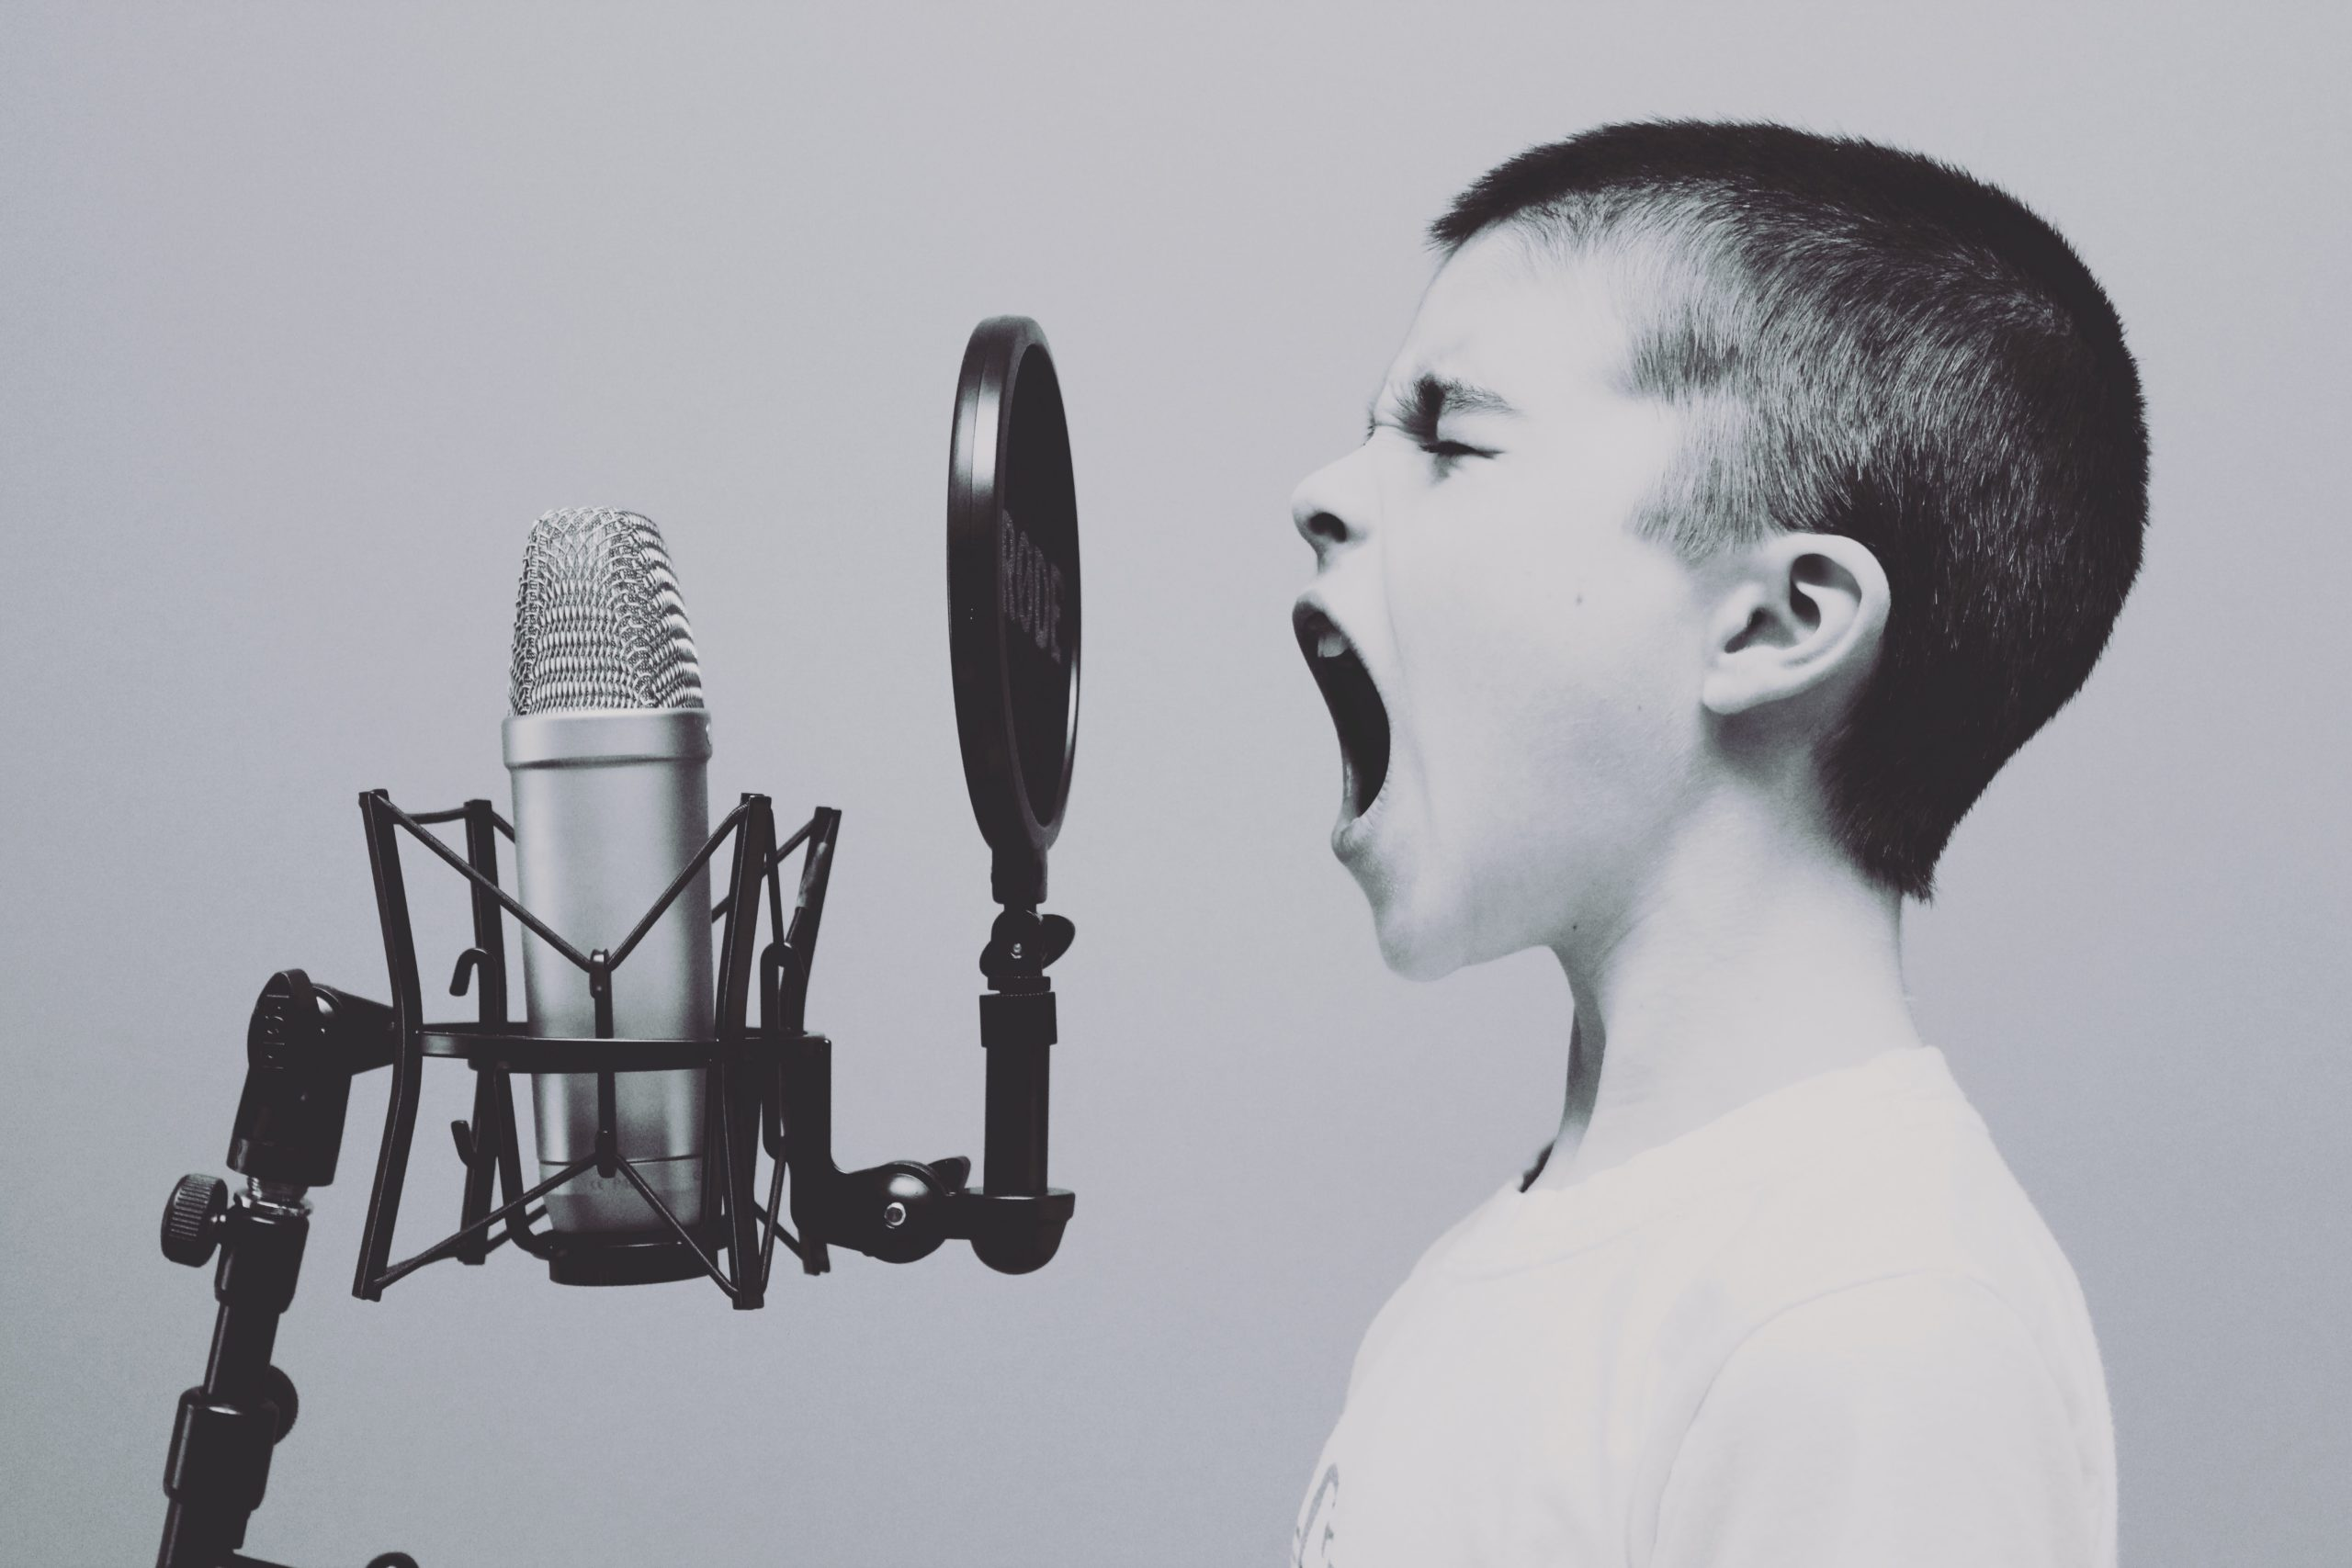 高音質のライブ配信を作る方法Streamlabs OBSの音声フィルタでノイズ除去